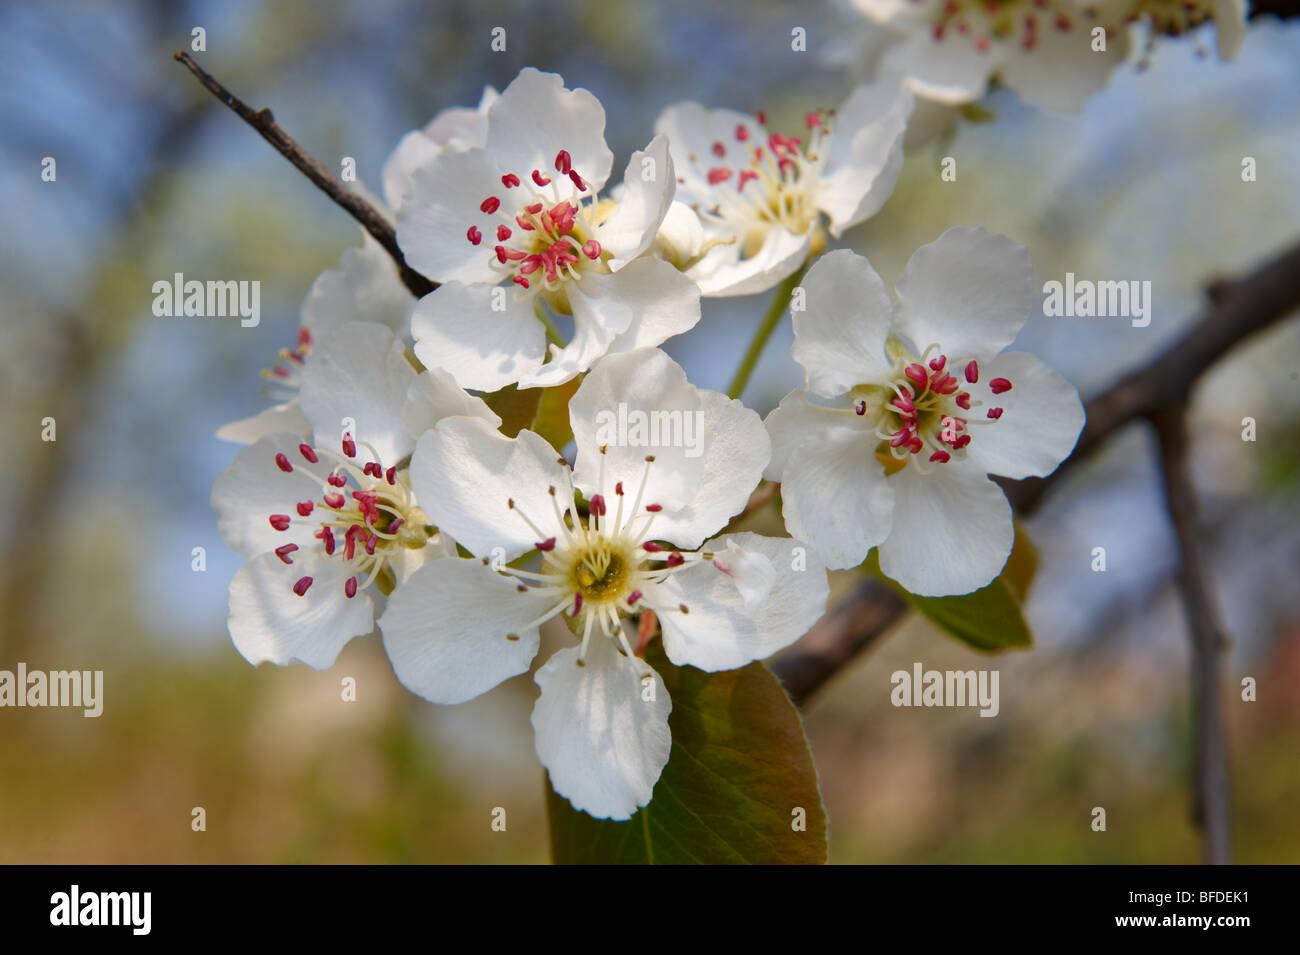 blossom photos blossom images alamy. Black Bedroom Furniture Sets. Home Design Ideas